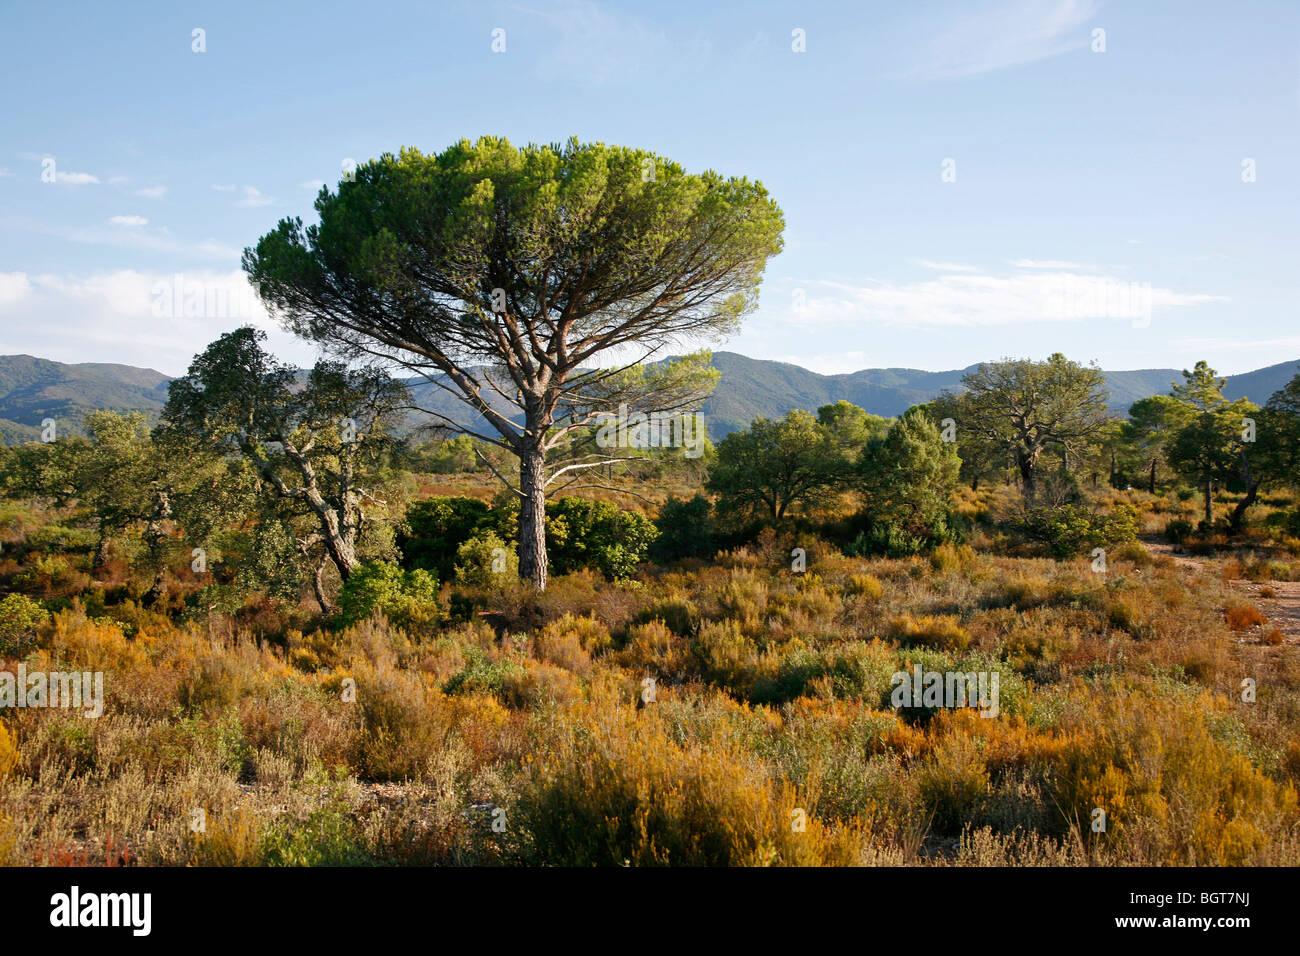 Massif des Maures, Var, Provence, France. - Stock Image